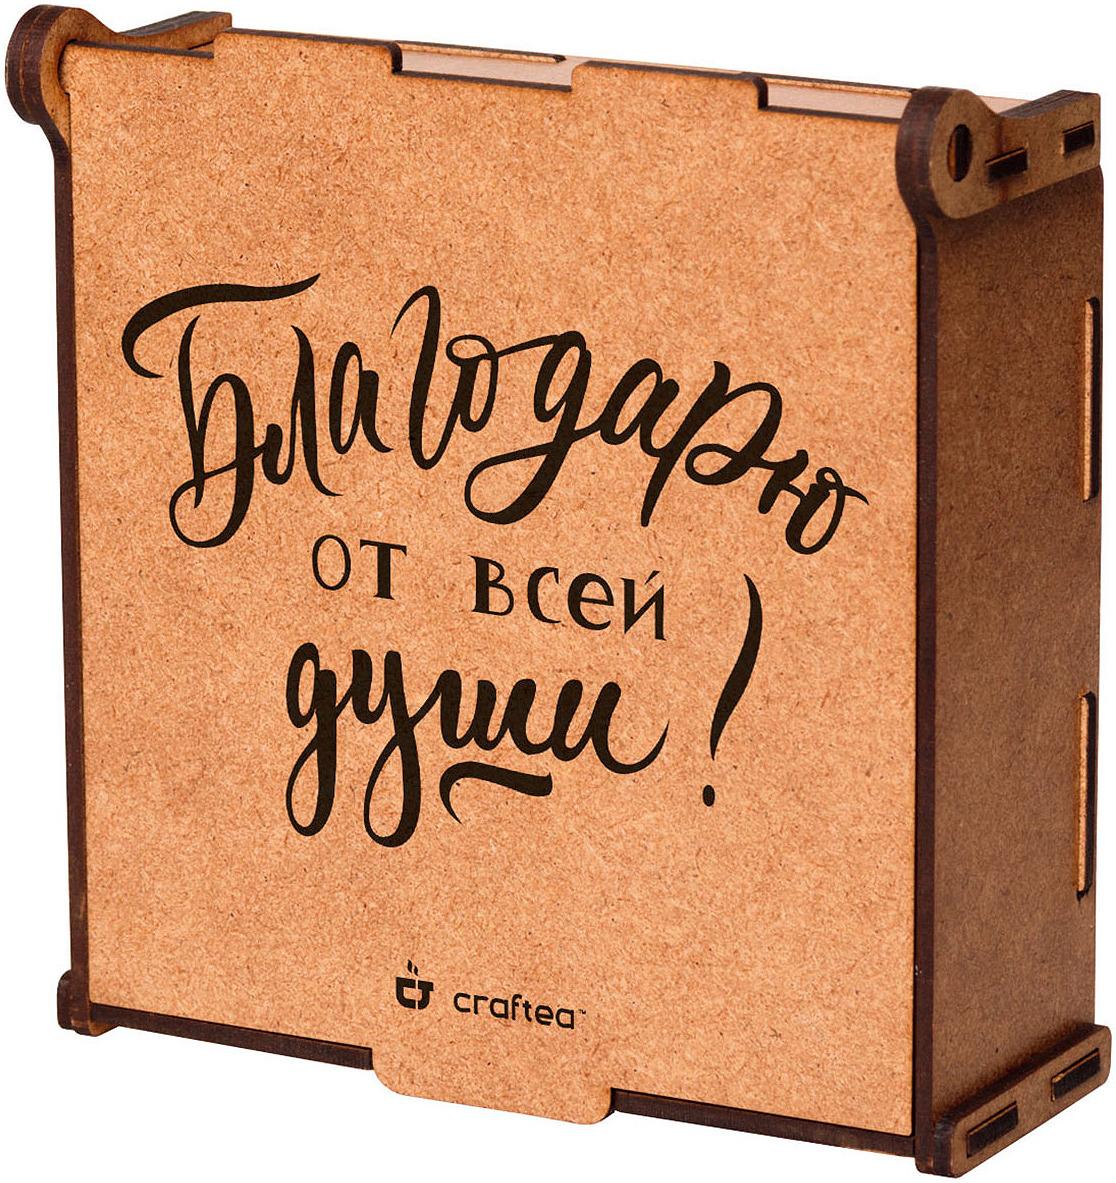 Подарочный чайный набор CrafTea Благодарю от всей души, в деревянной шкатулке подарочный чайный набор craftea honey